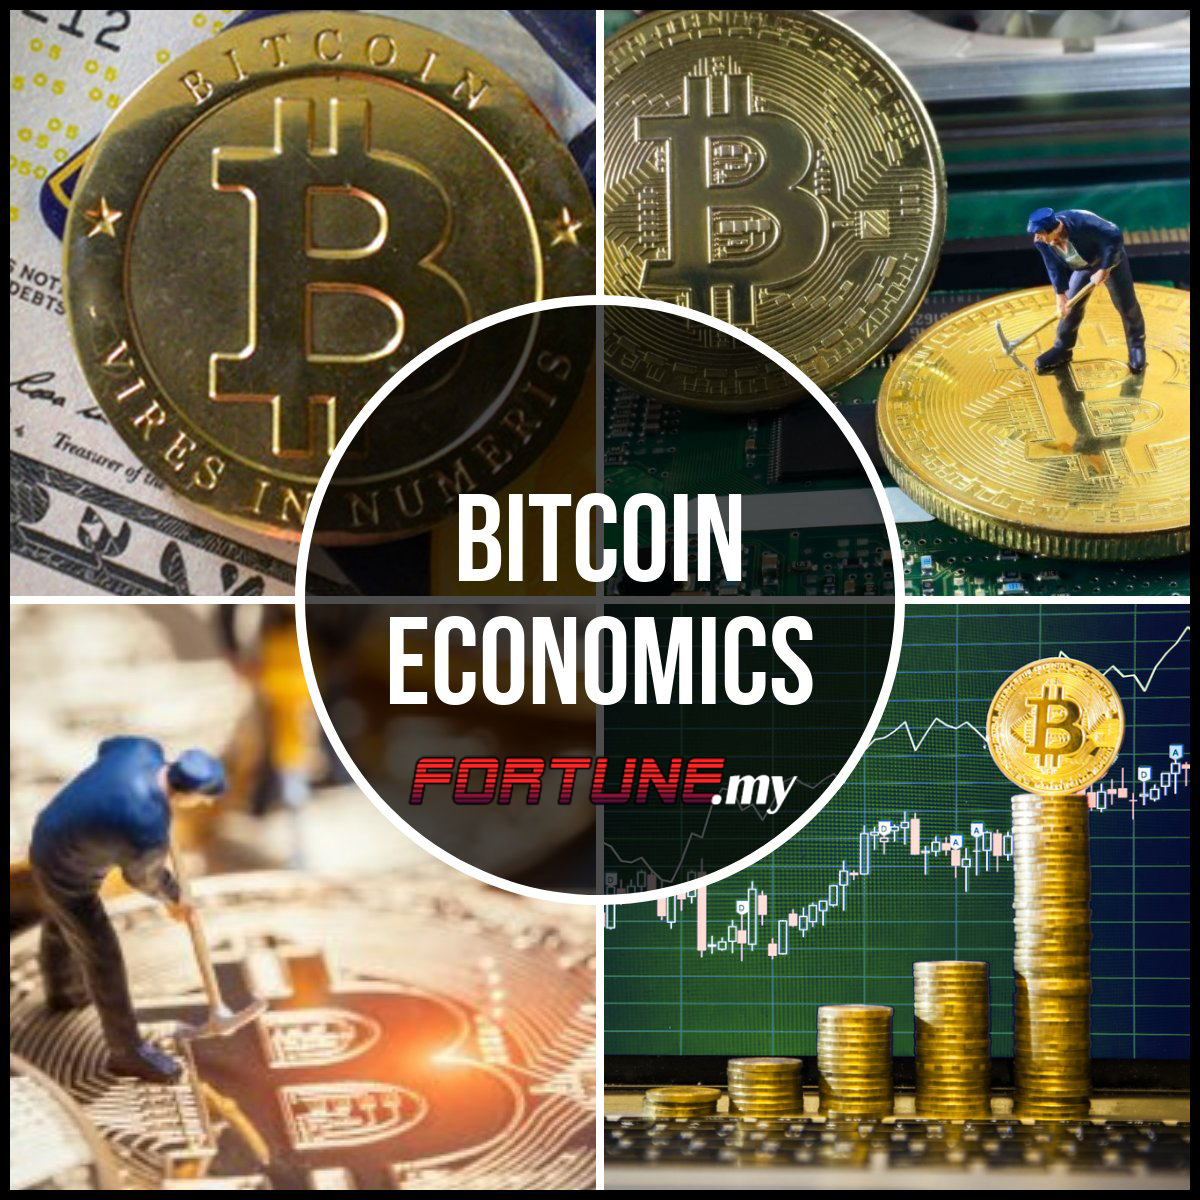 The Economics of Bitcoins